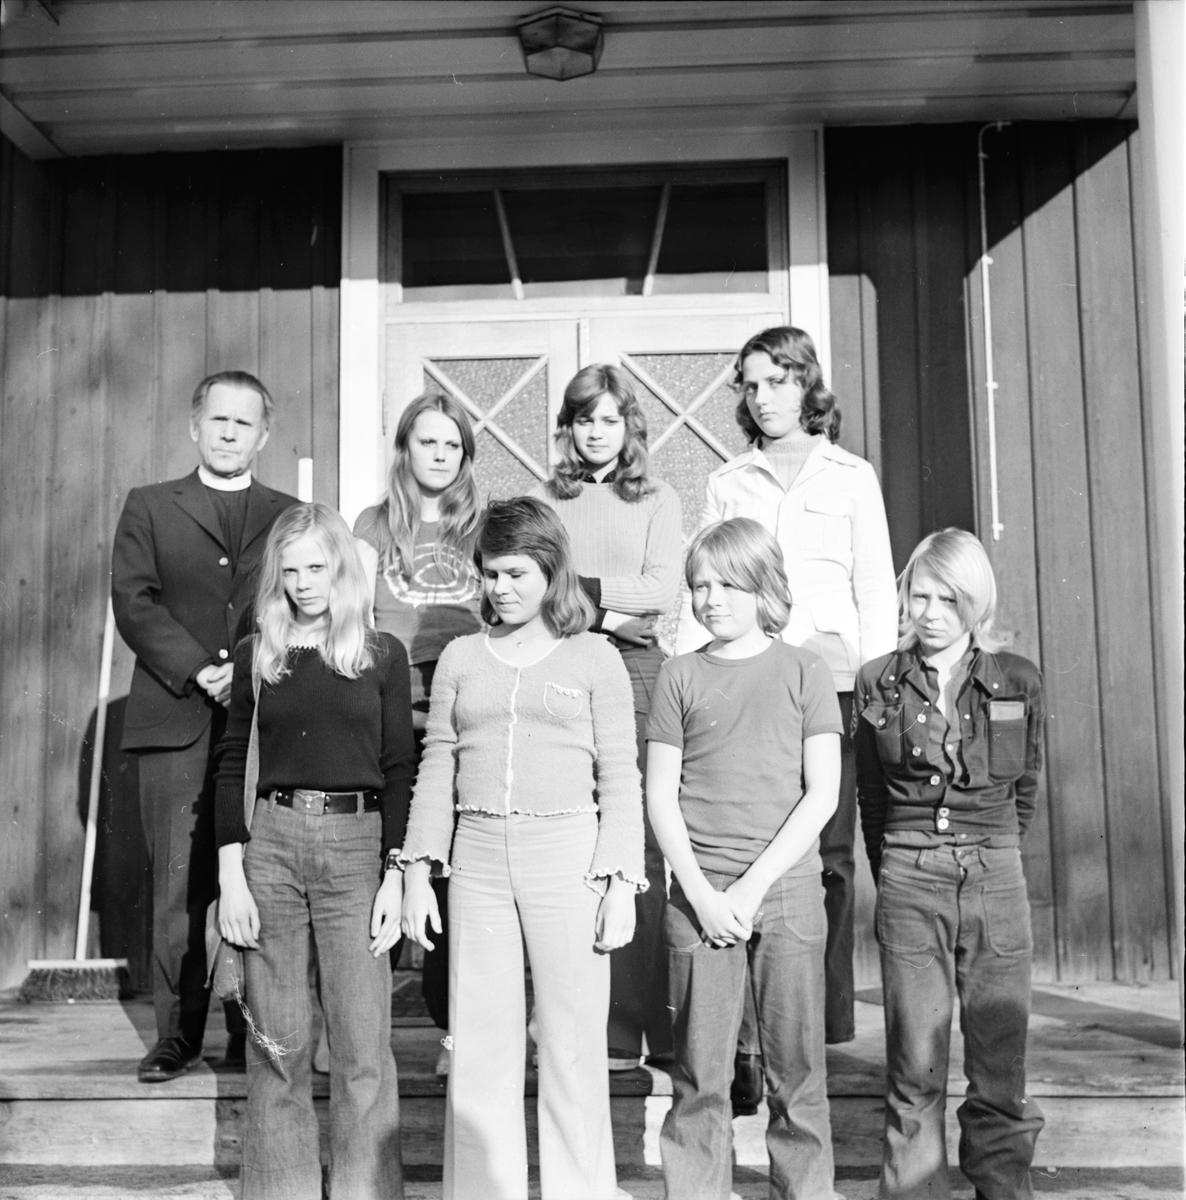 Arbrå, Fastemarsch, 8 April 1973